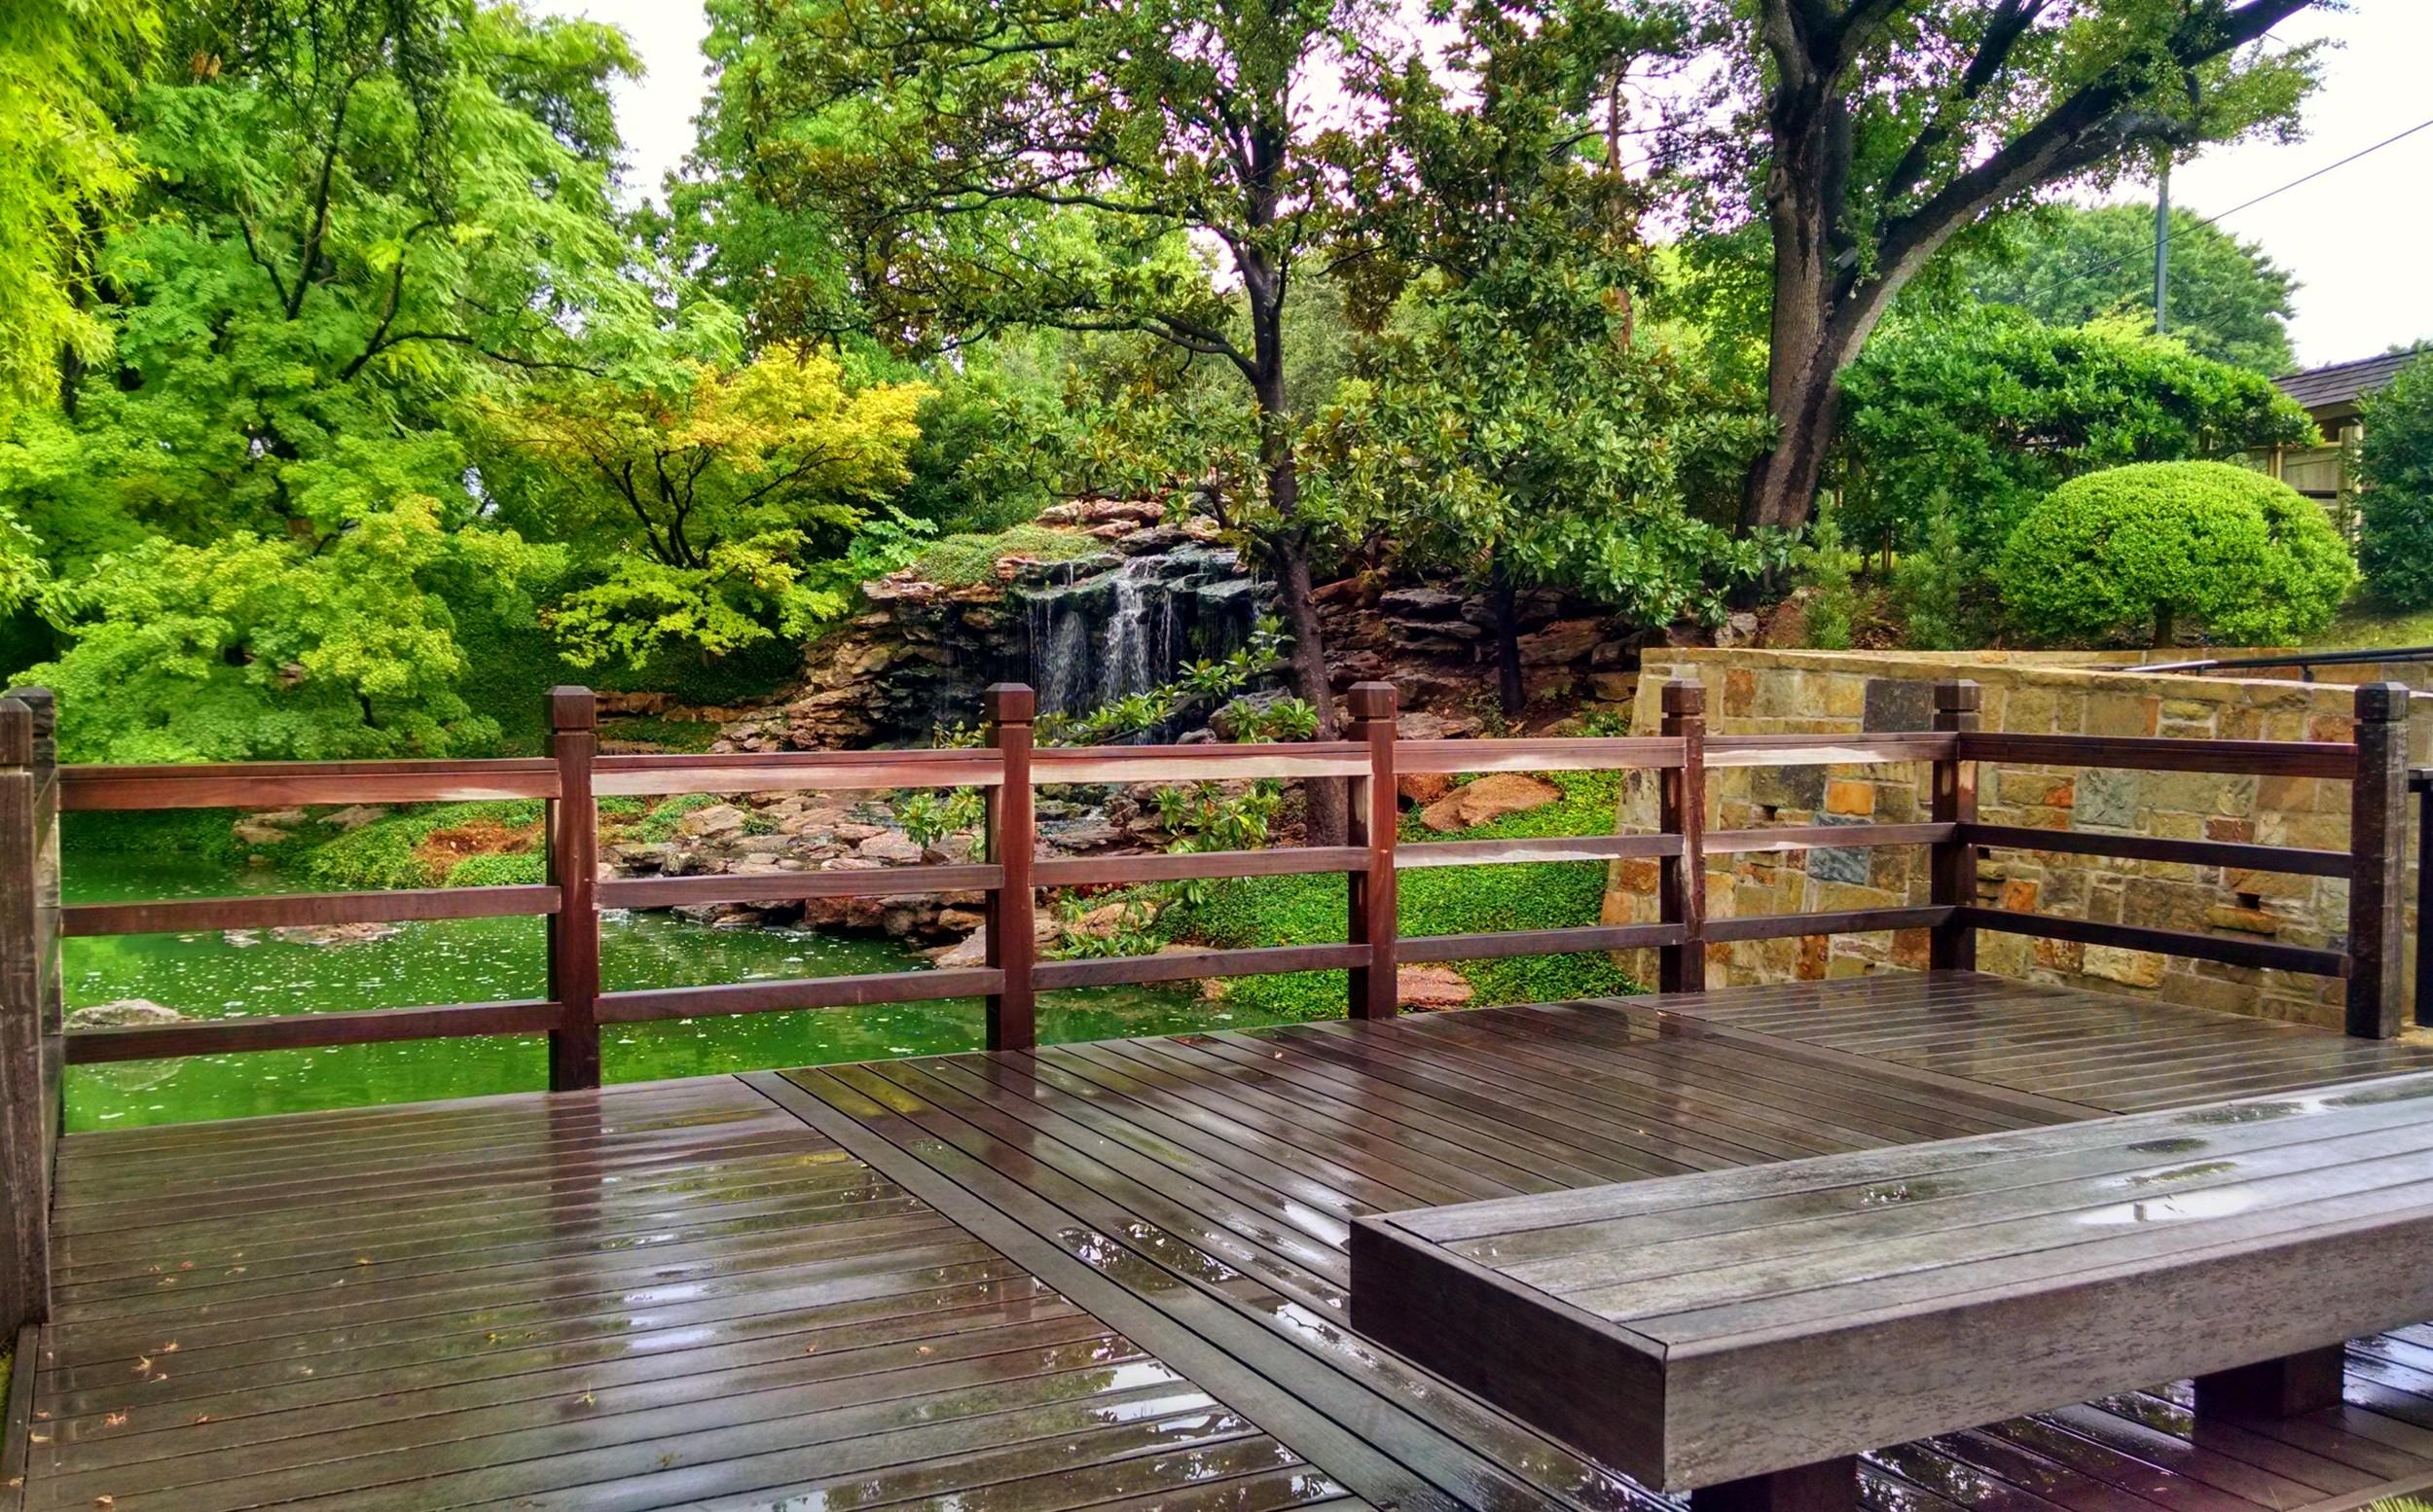 The Mikoshi Deck a small wedding ceremony venue.